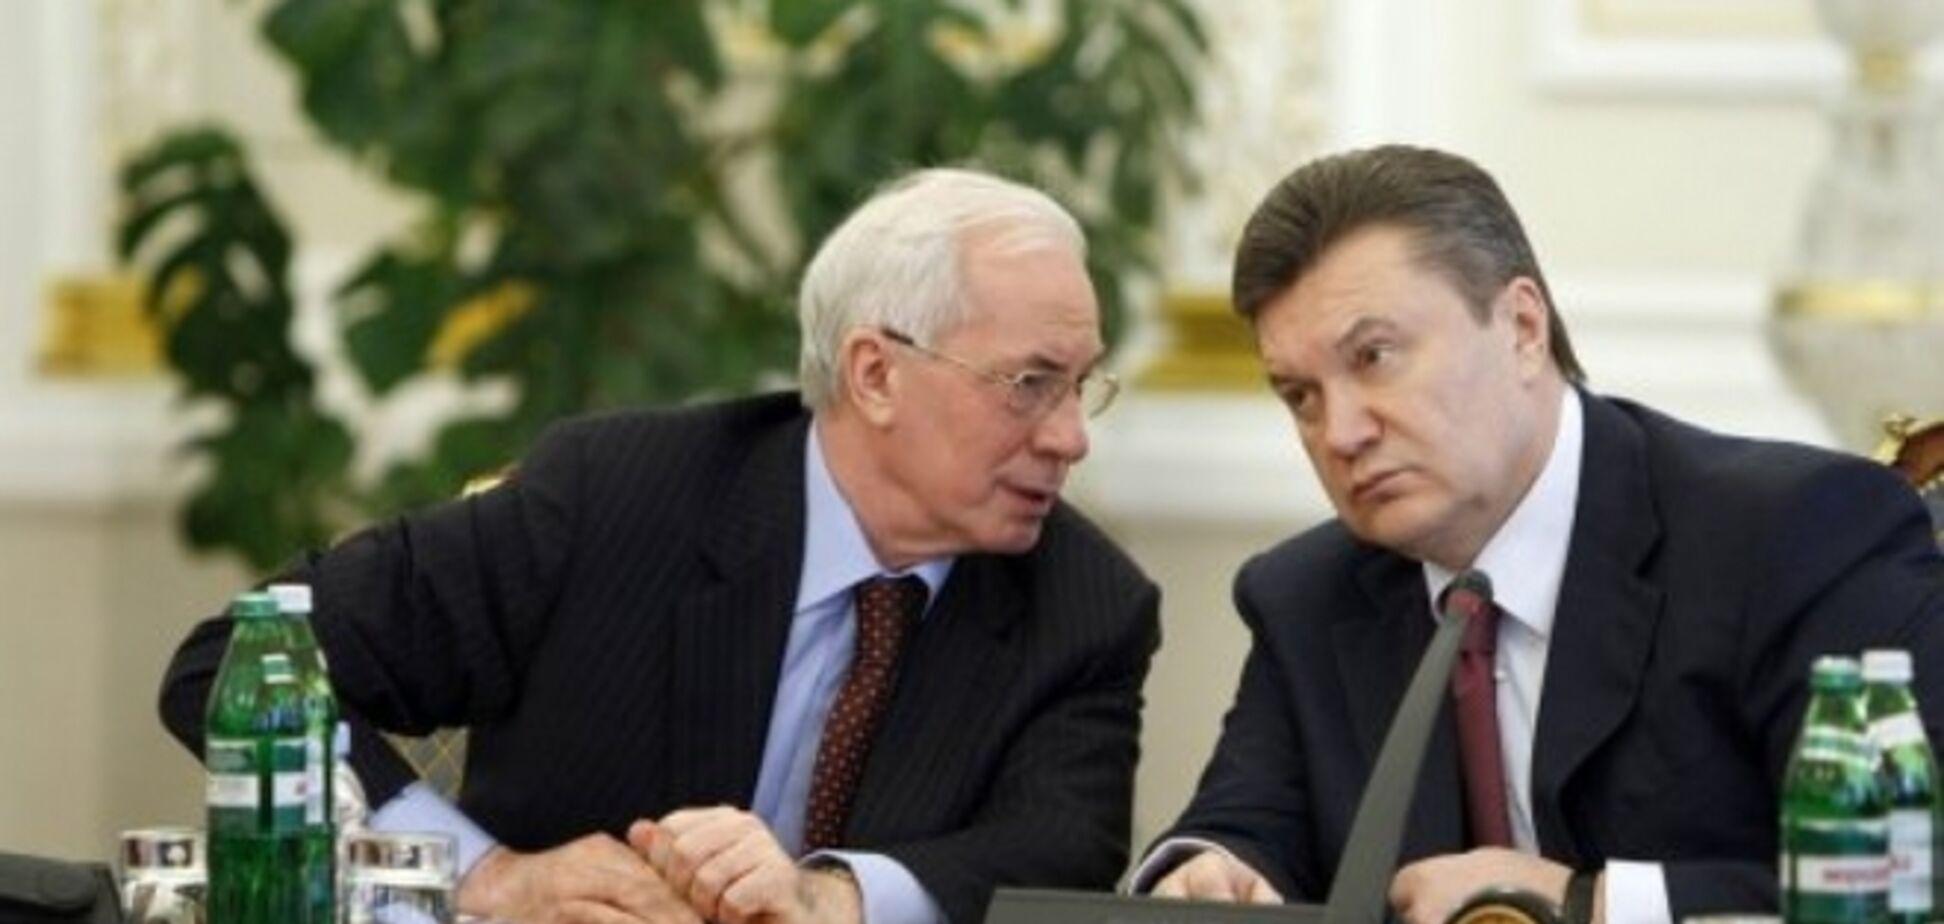 Експерт пояснив, з чим пов'язано явище Януковича і Азарова народу